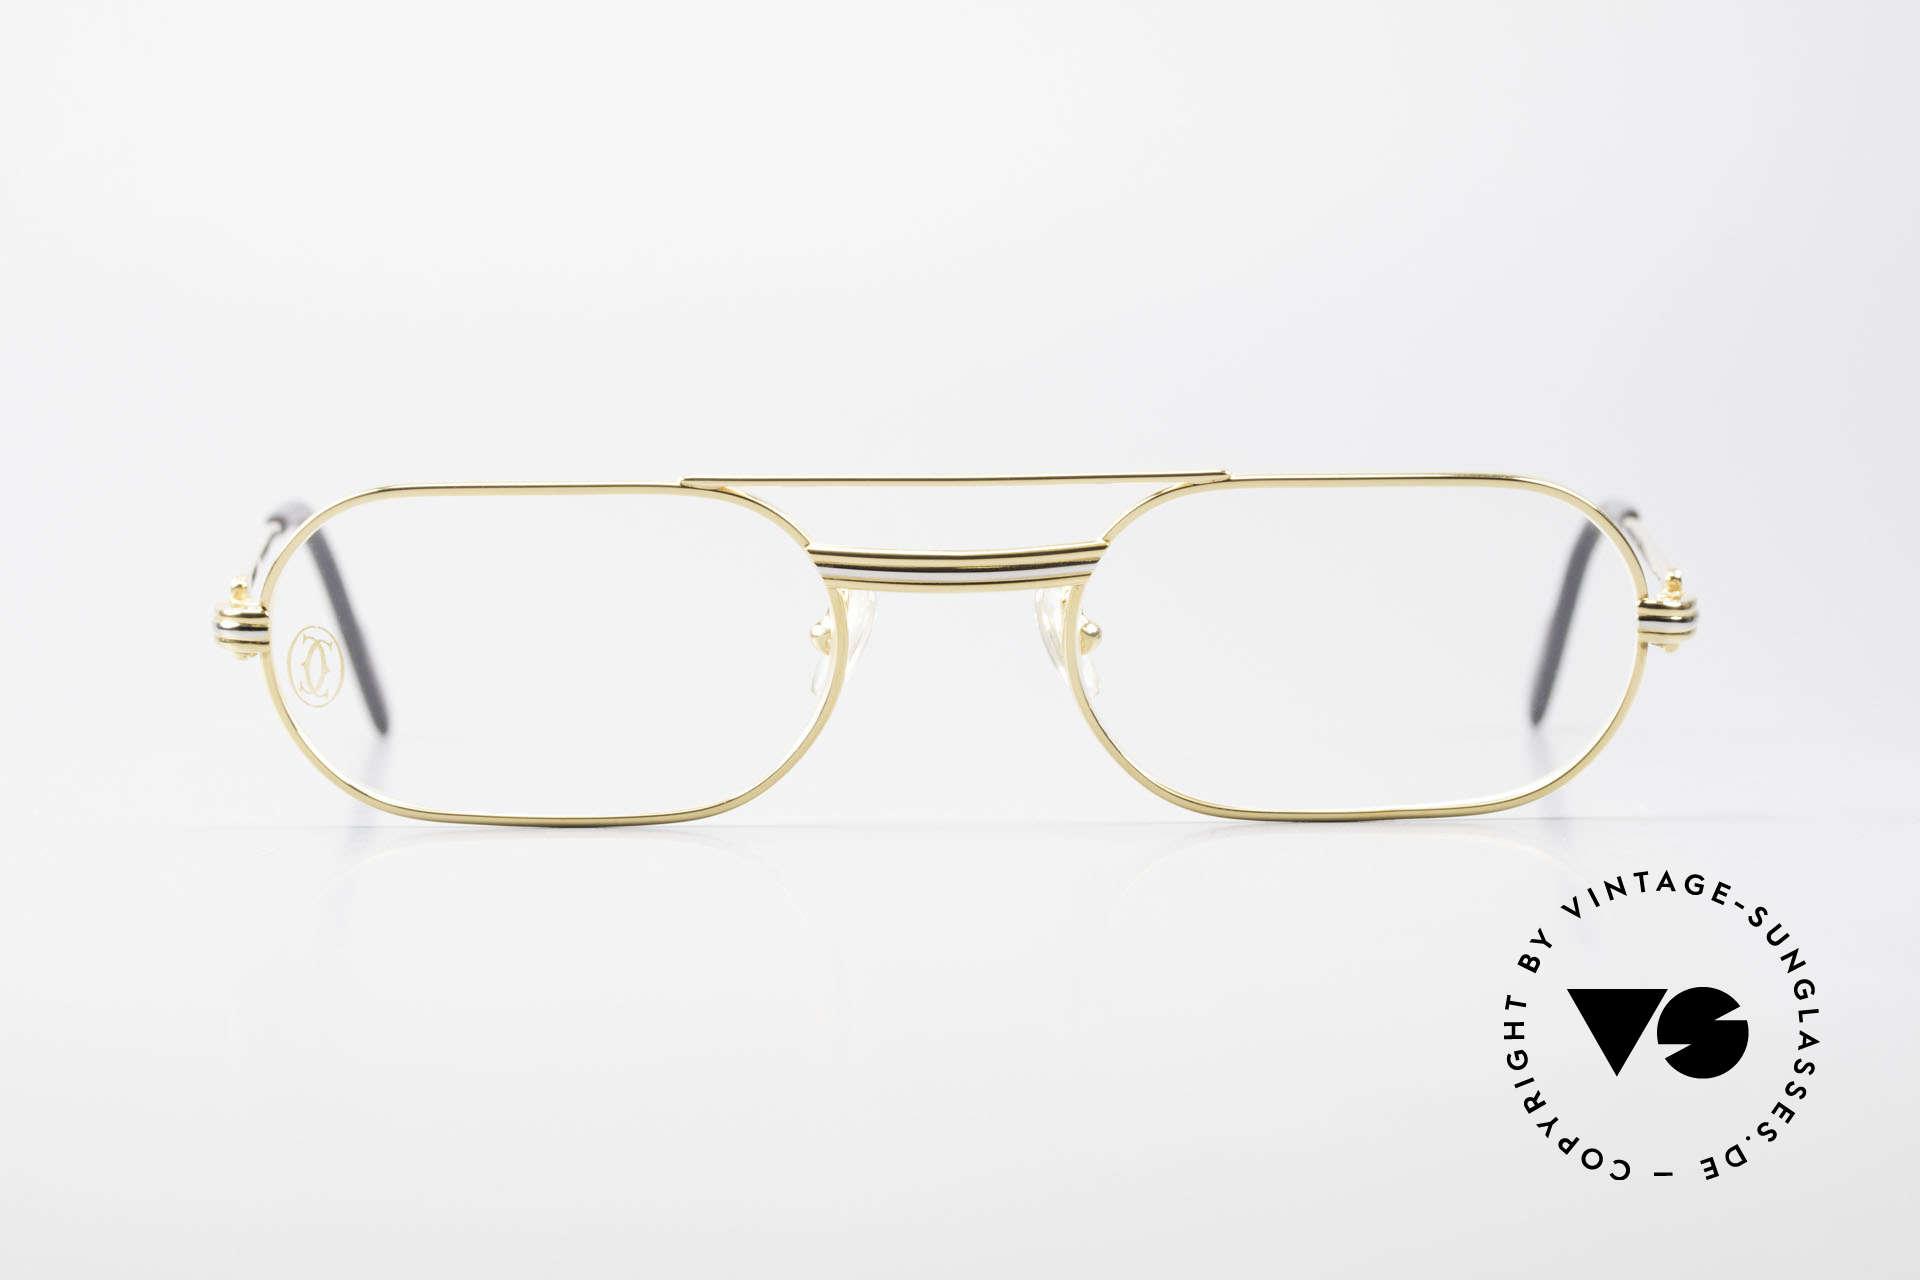 Cartier MUST LC Rose - S Limitierte Rosé Gold Brille, hier mit Louis Cartier Dekor in S Größe 53°20, 130, Passend für Herren und Damen